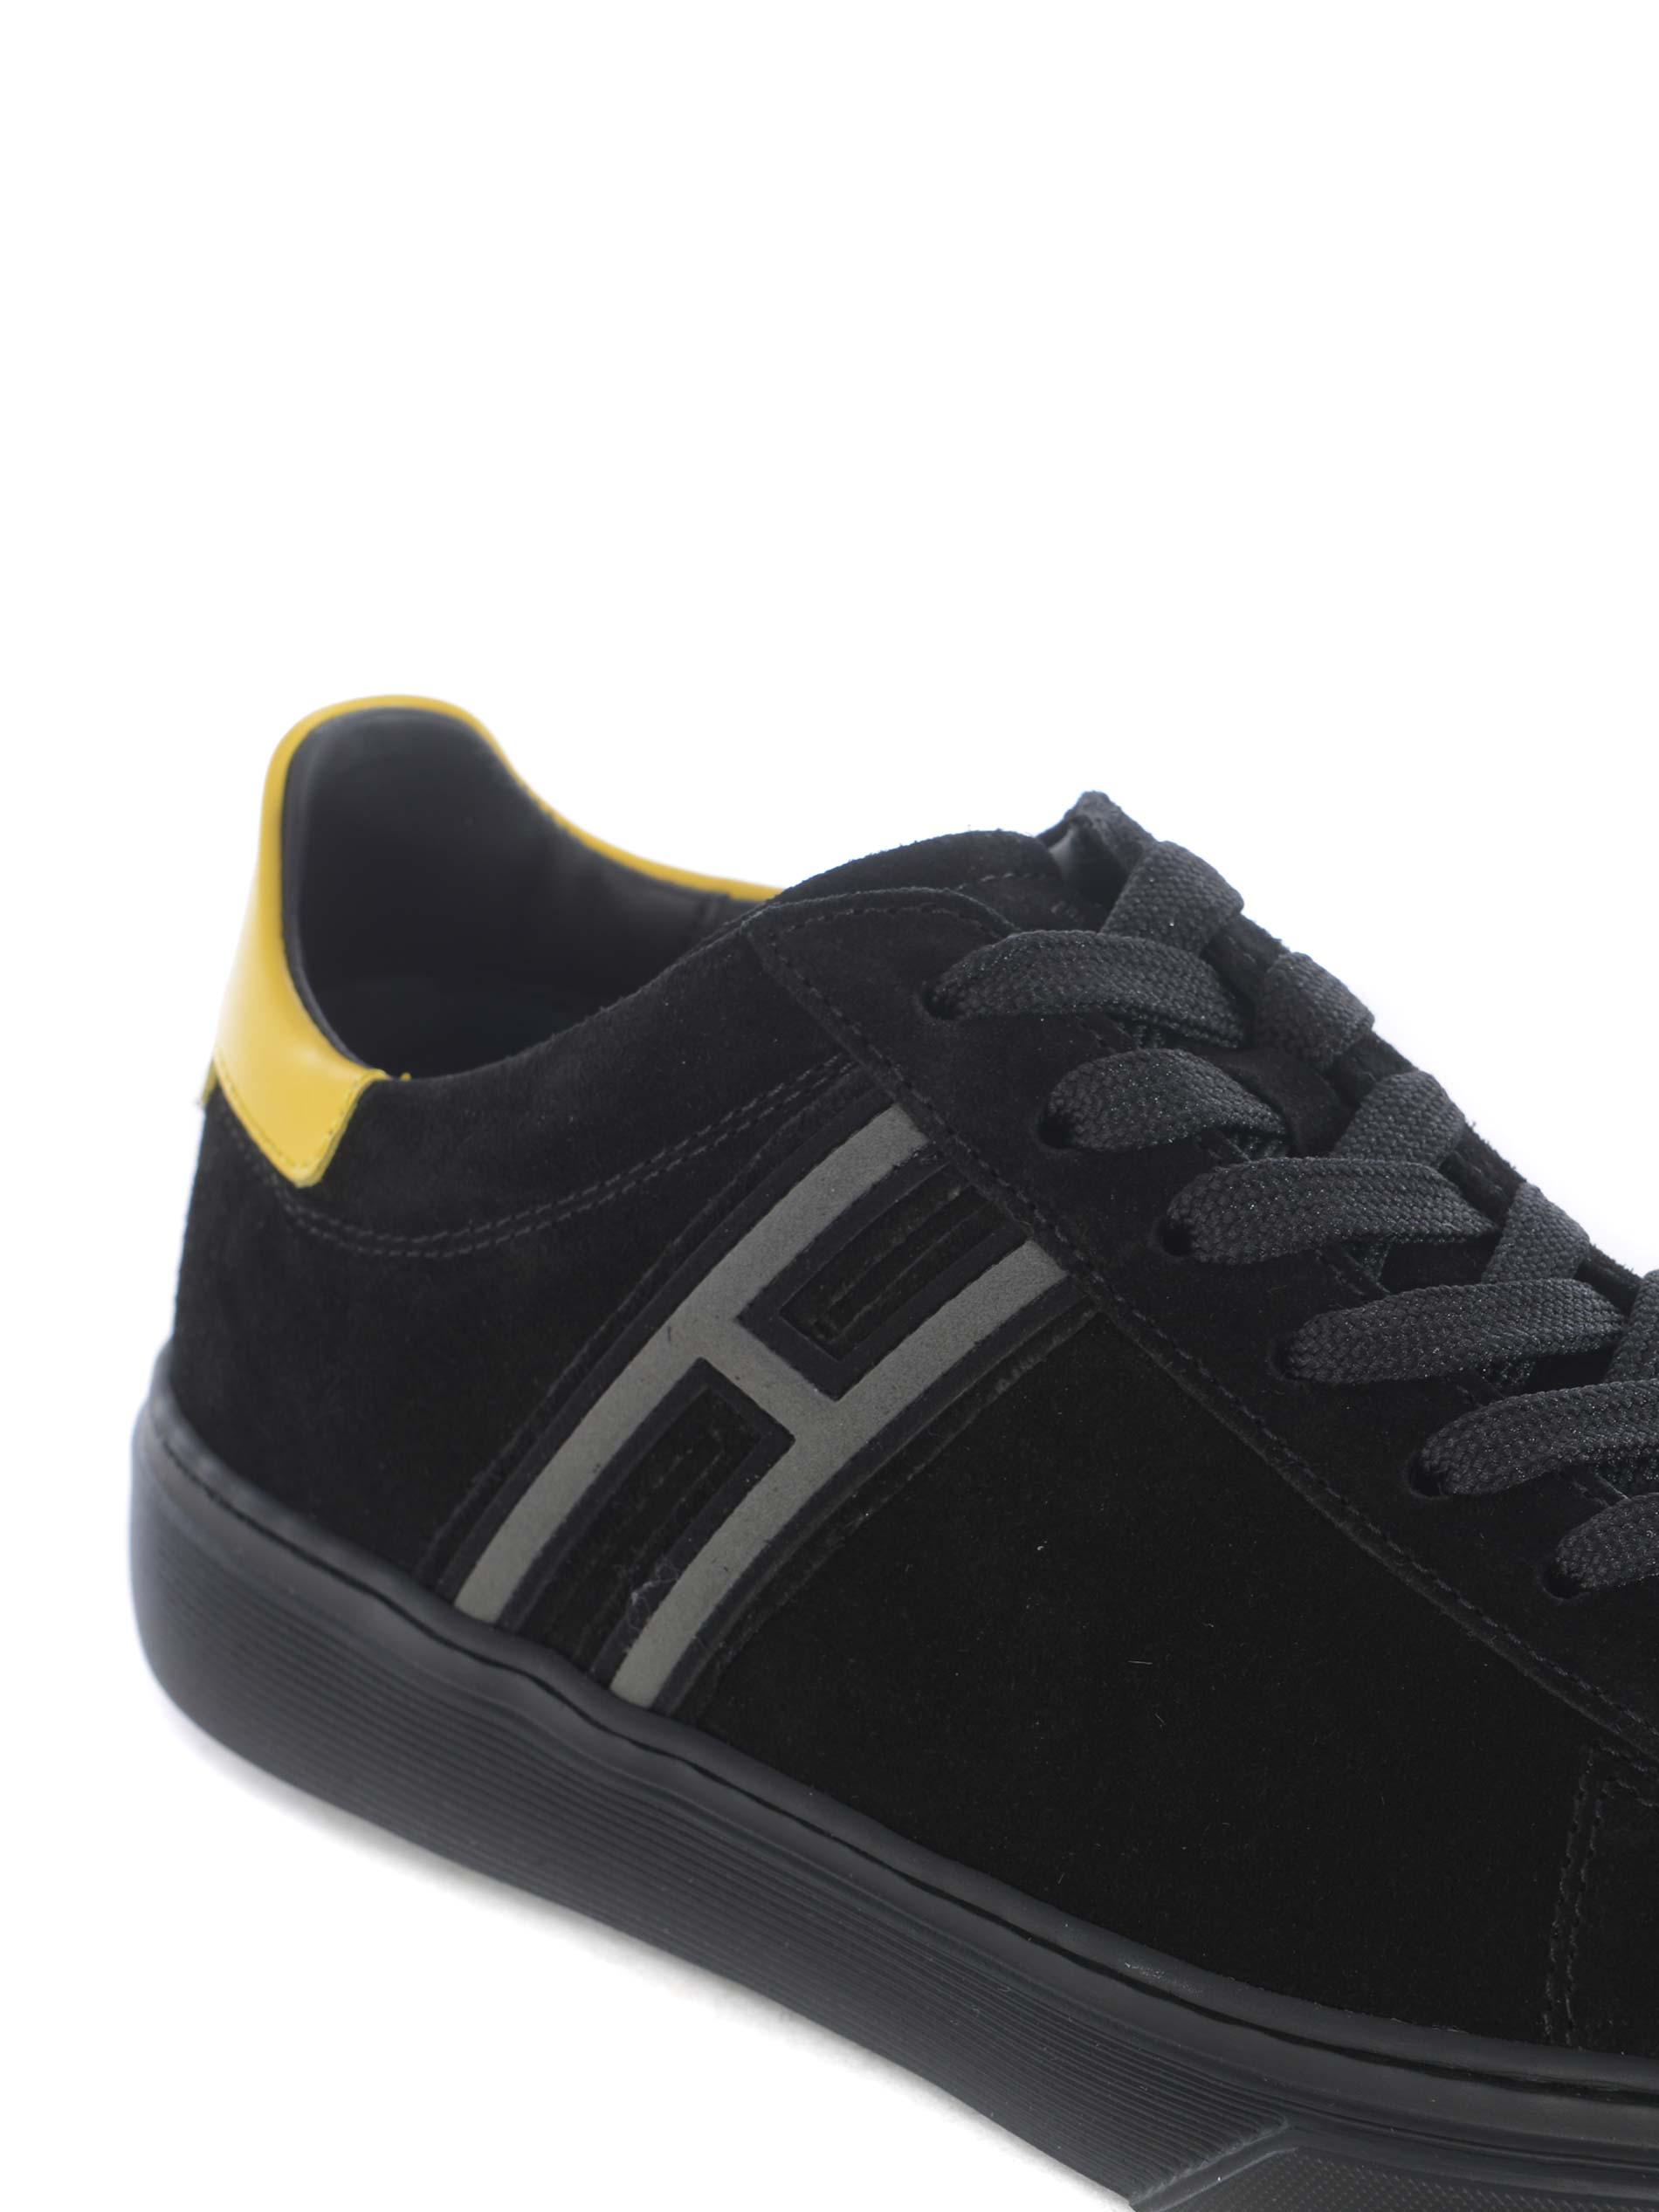 Hogan H365 sneakers in suede